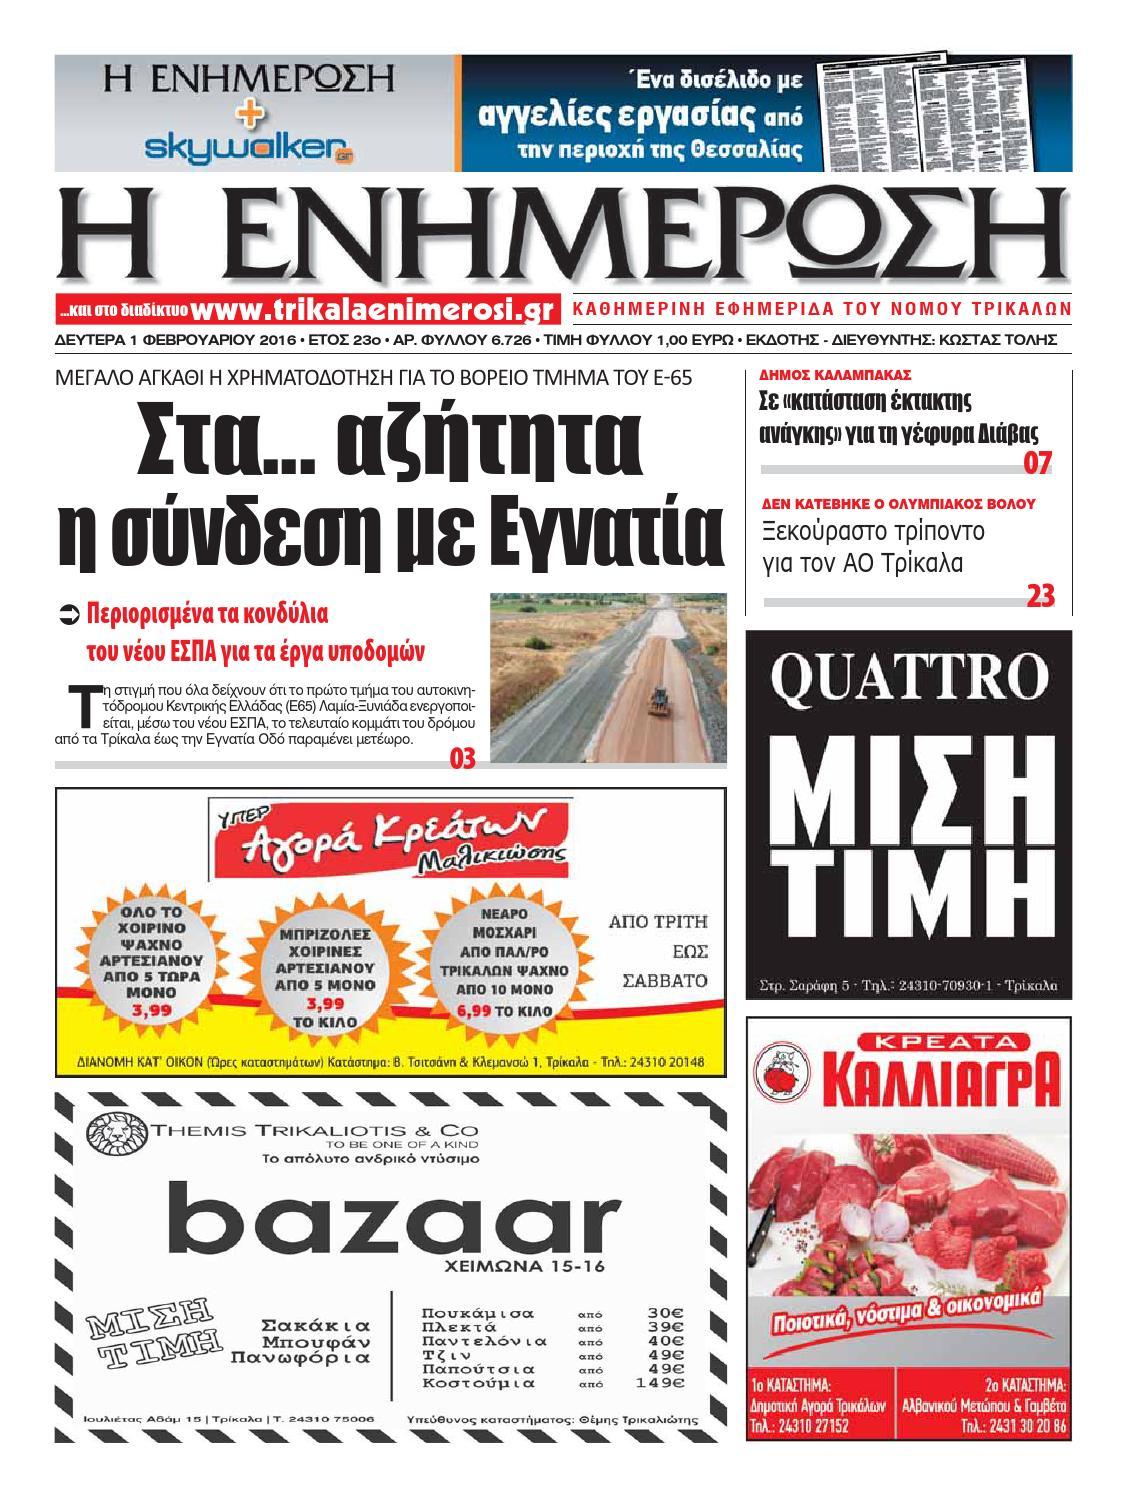 Κροατικές διαδικτυακές ιστοσελίδες γνωριμιών